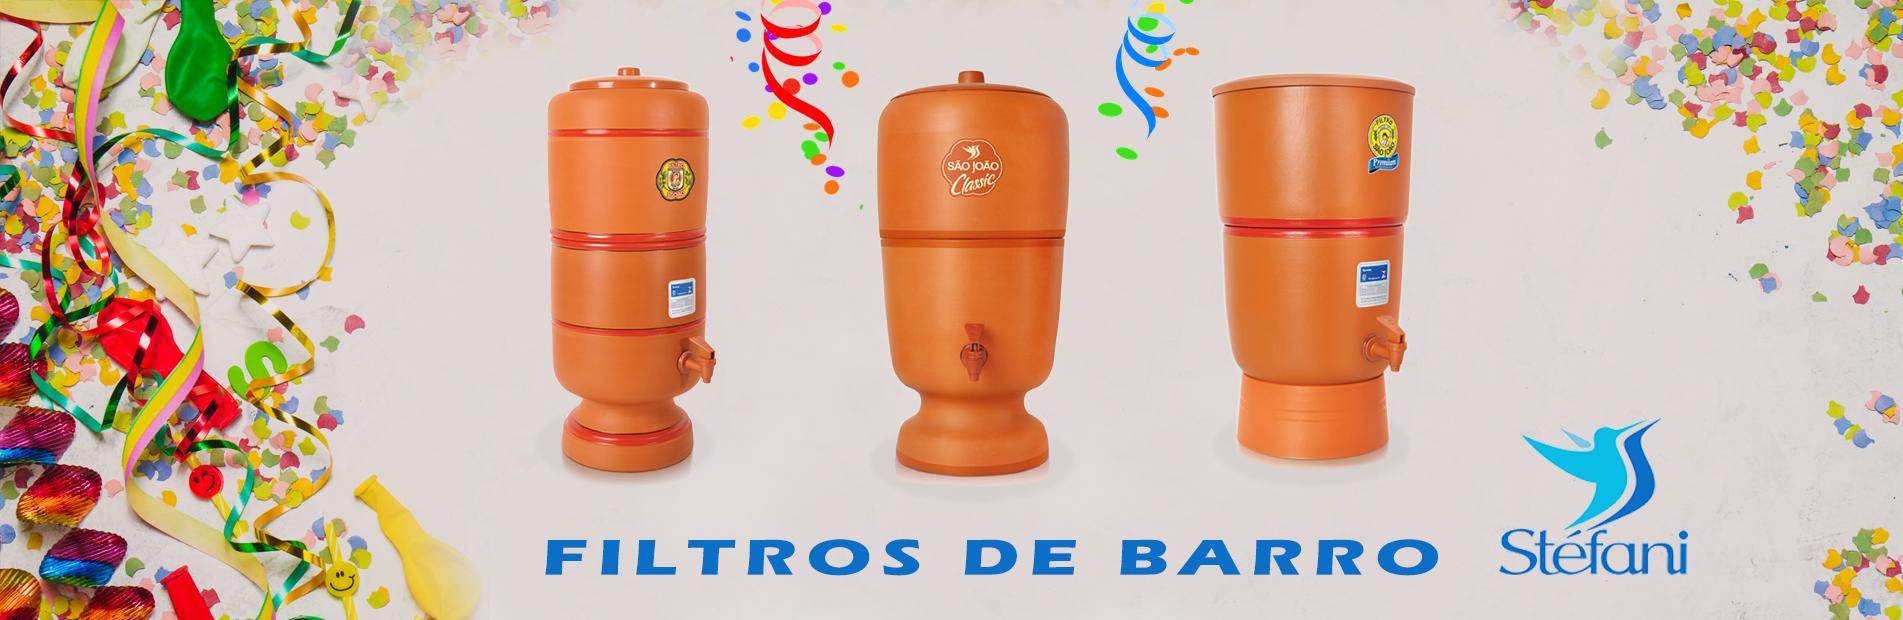 Carnaval Filtro de Barro